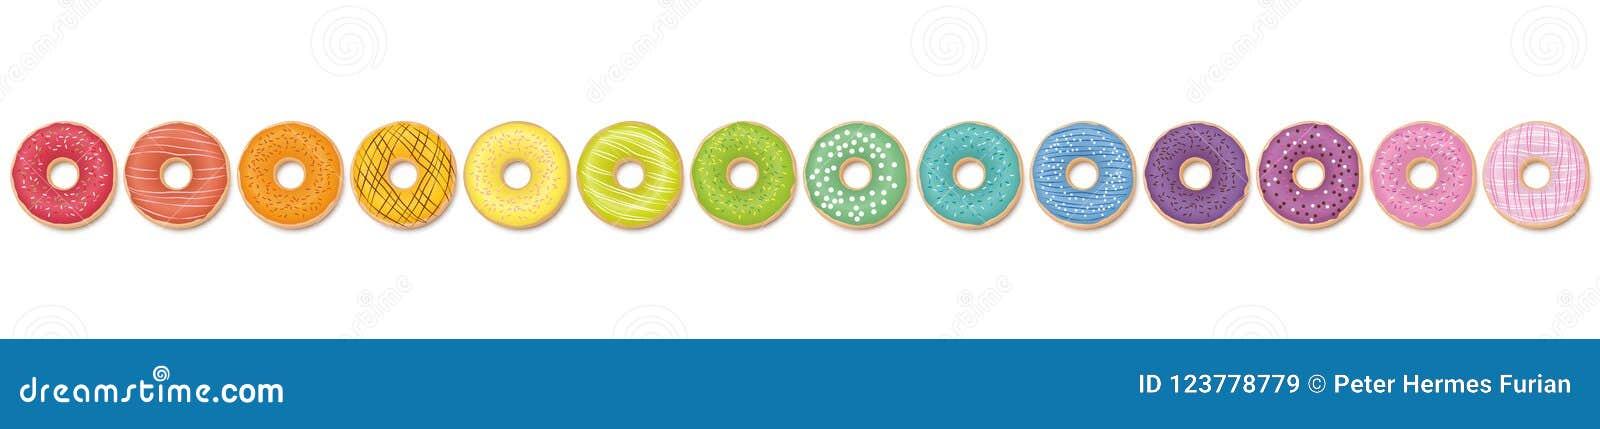 De Regenboog van het Donutspatroon in een Lijn wordt gekleurd die